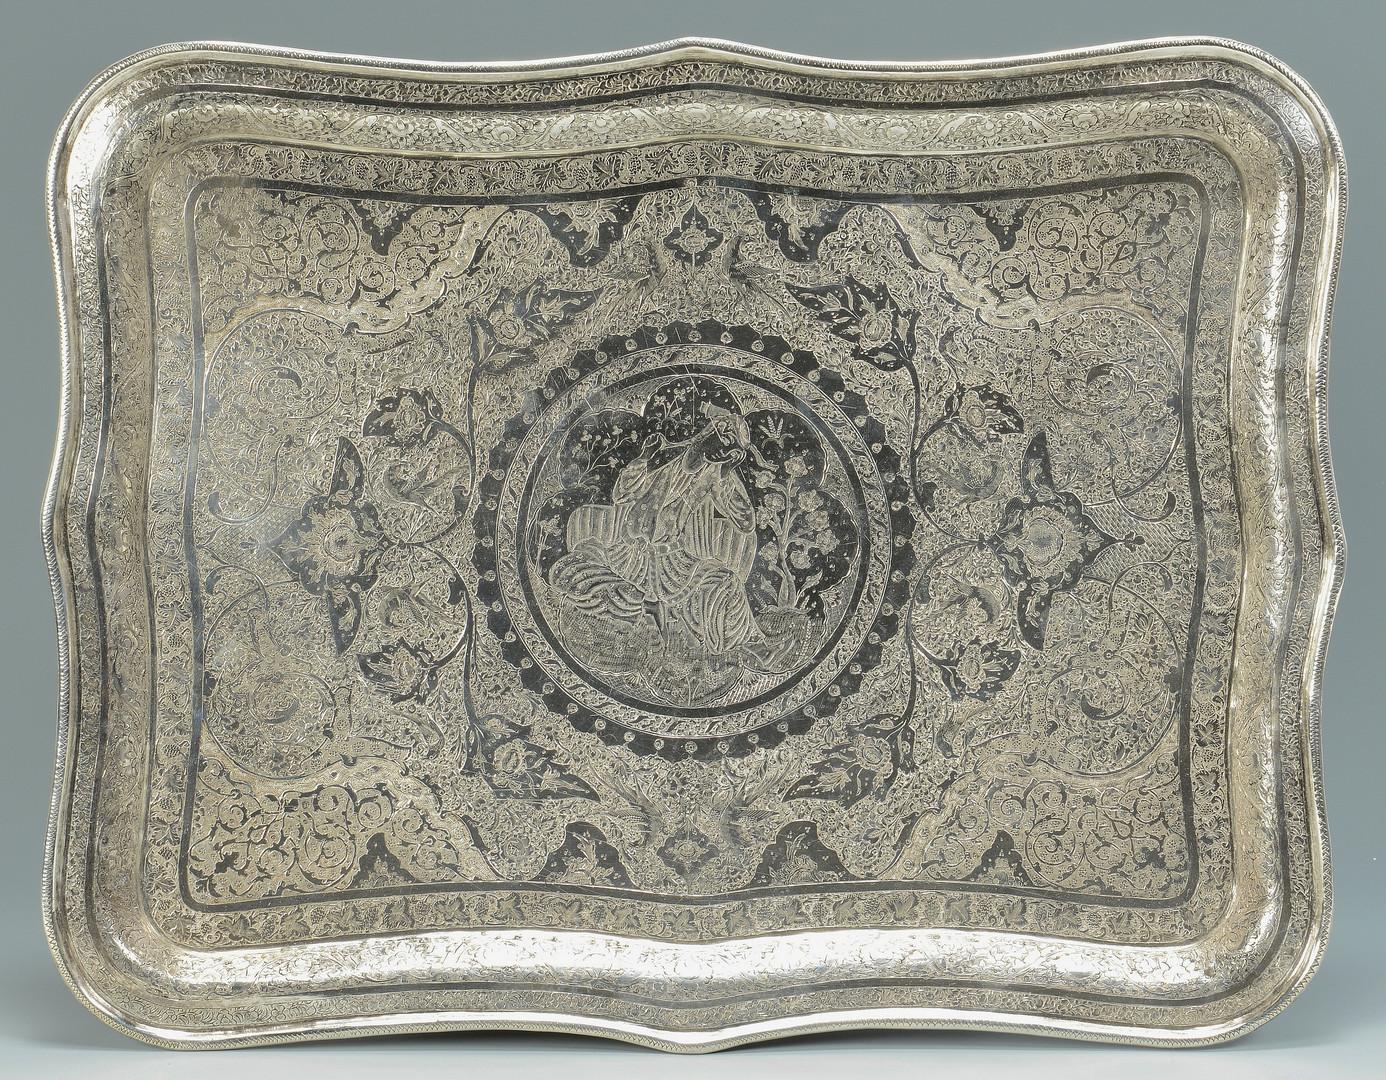 Lot 684: .900 Silver Iranian Tray